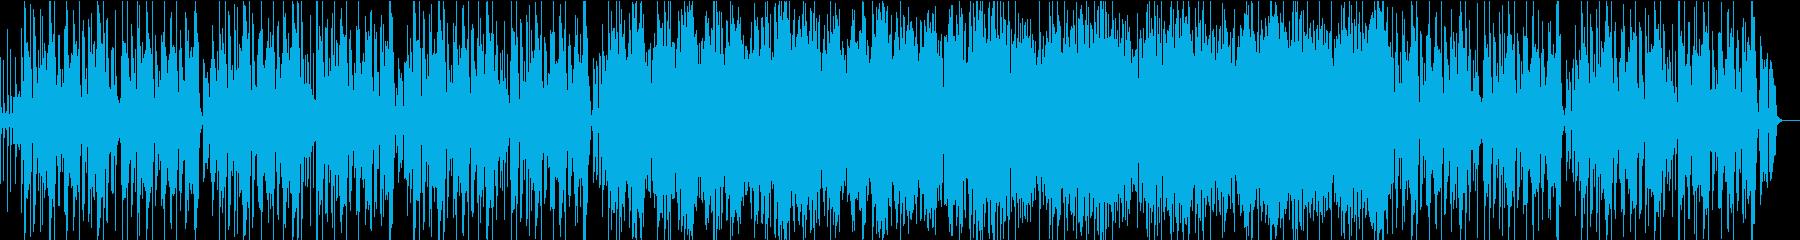 メリハリの効いた軽快ビッグバンドファンクの再生済みの波形